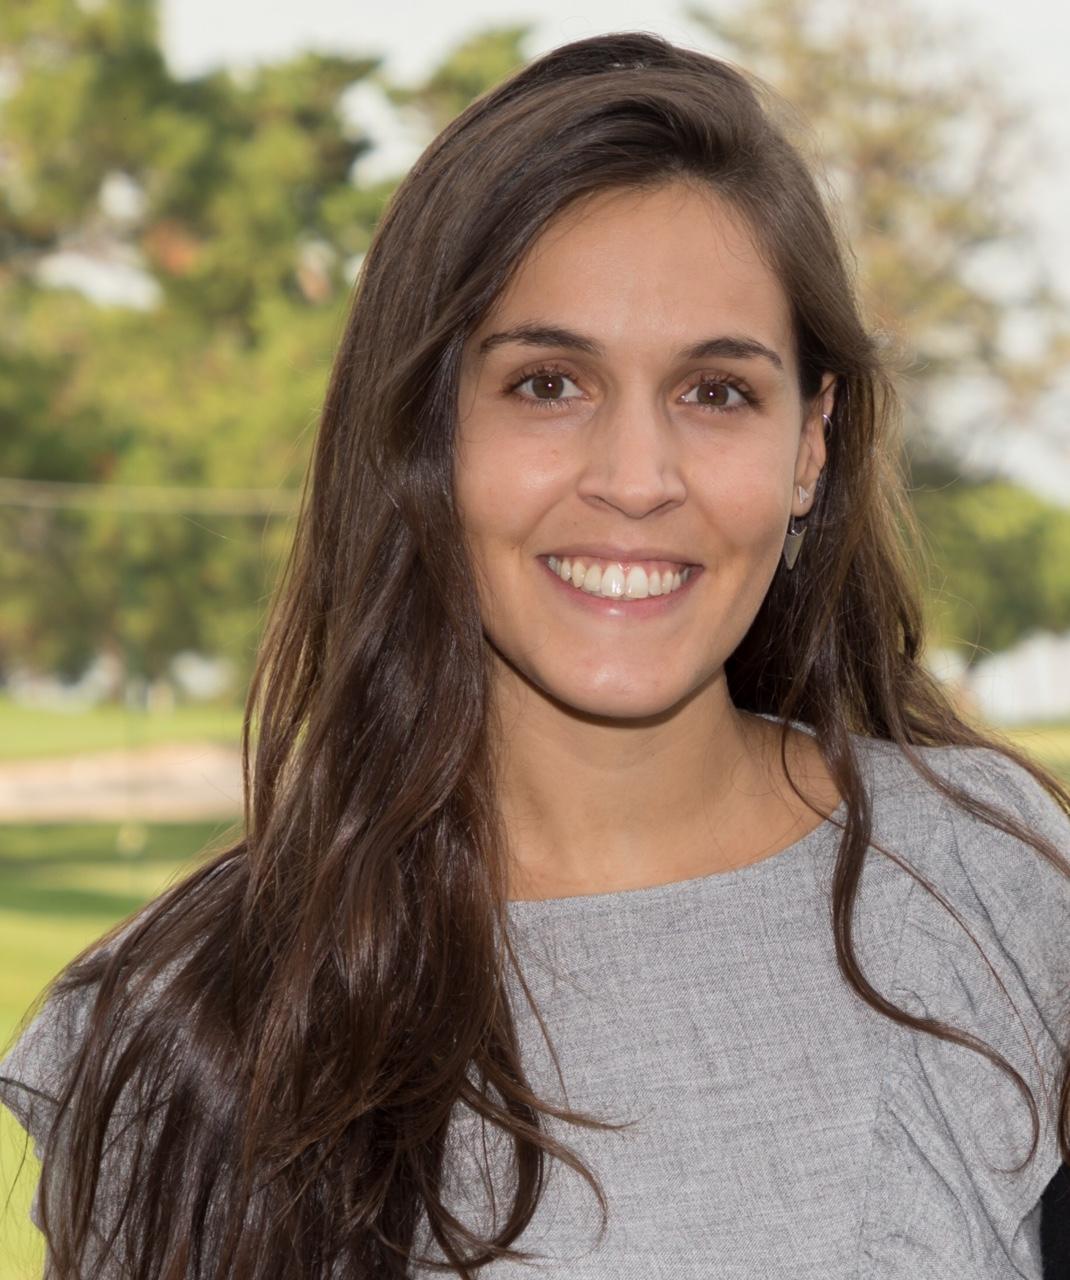 Meet Bettina – A Teaching House Alumni